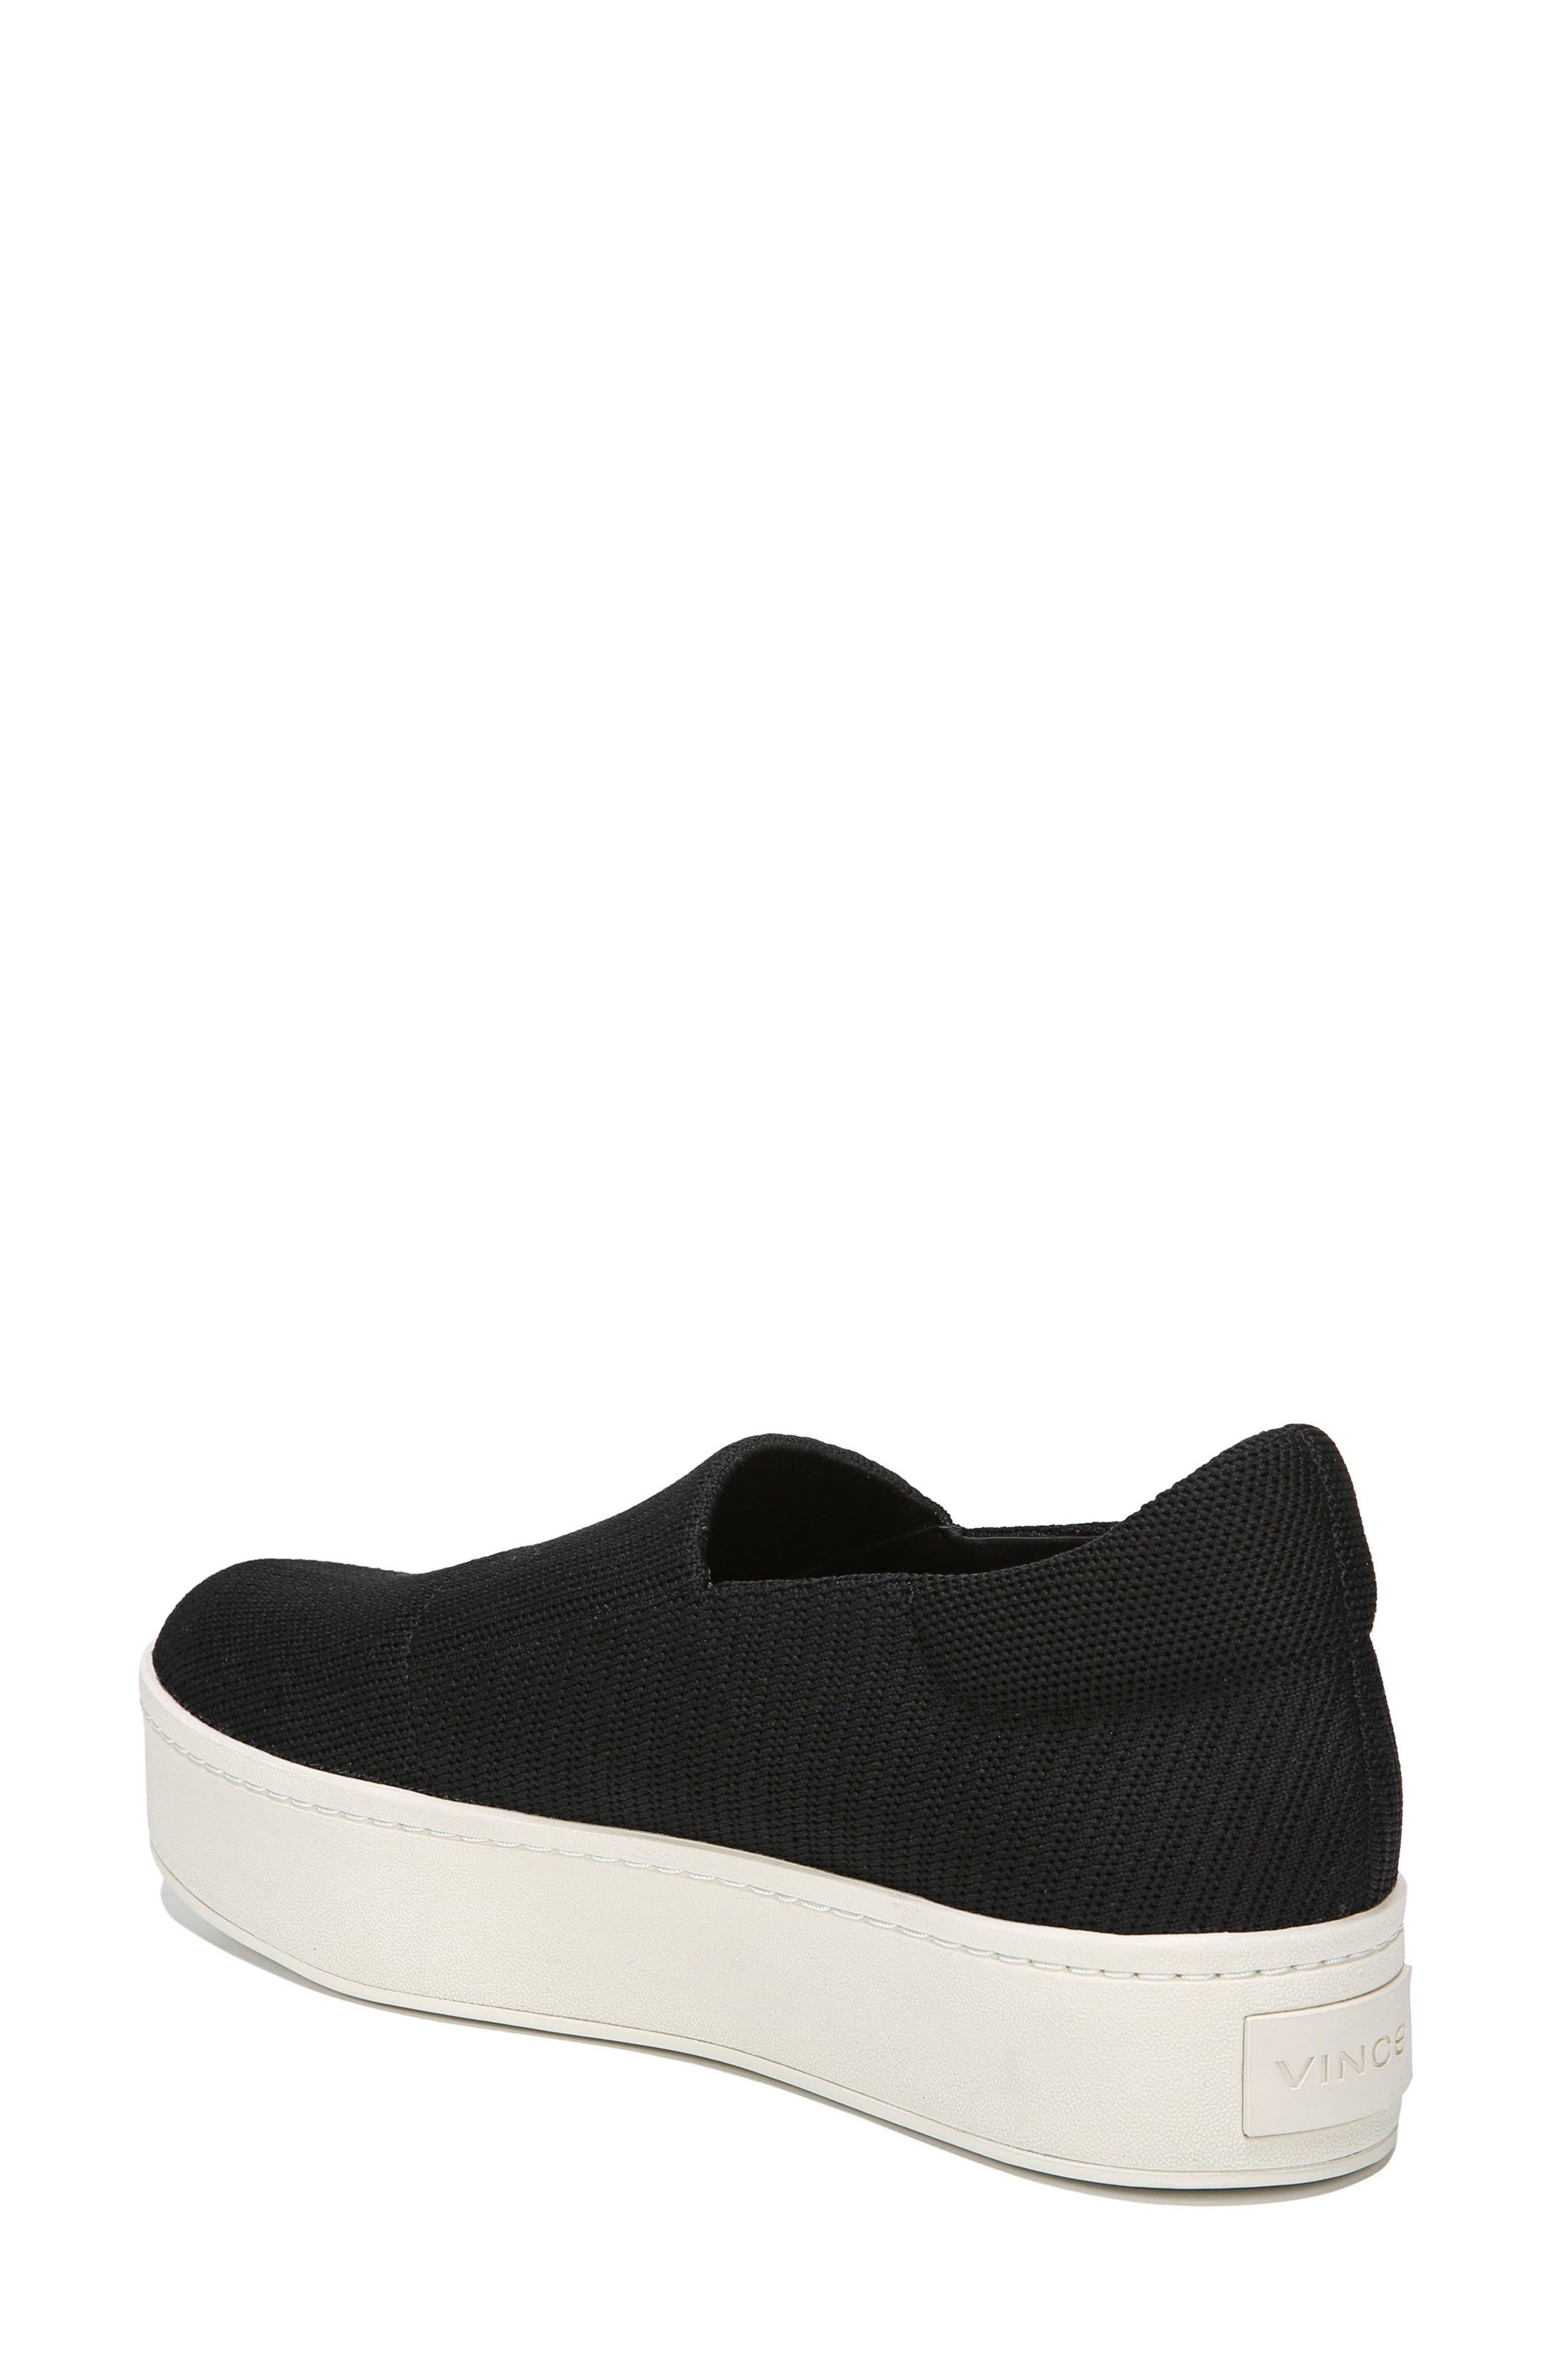 Walsh Slip-On Sneaker,                             Alternate thumbnail 2, color,                             Black